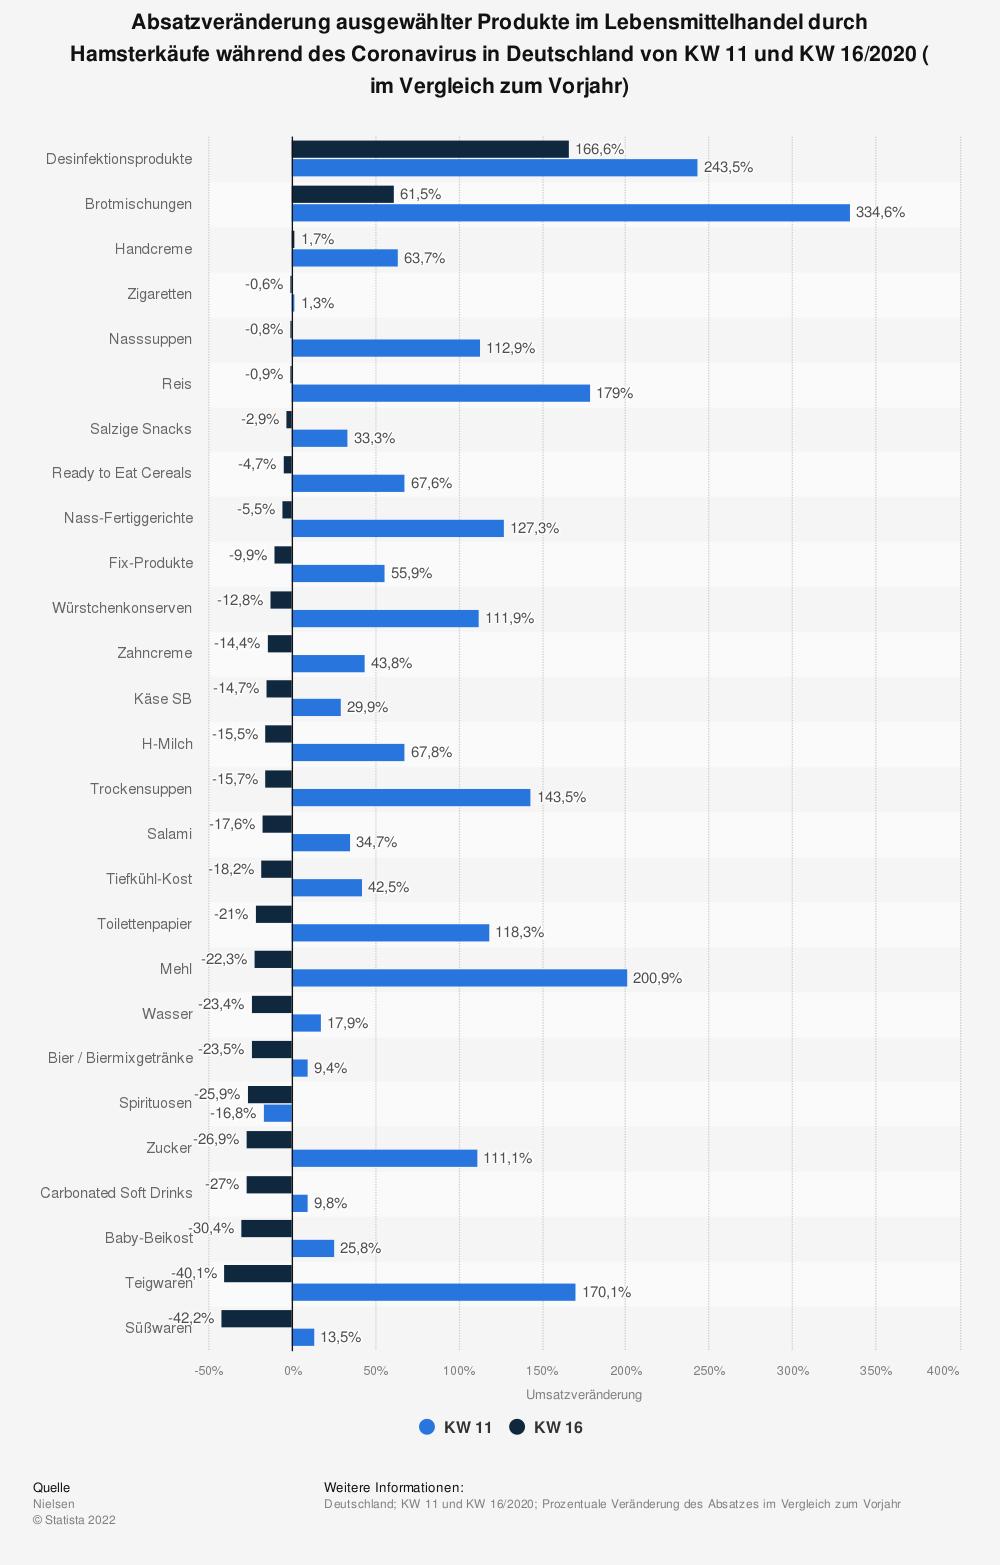 Statistik: Absatzveränderung ausgewählter Produkte im Lebensmittelhandel durch Hamsterkäufe während des Coronavirus in Deutschland (in der 16.KW/2020 im  Vergleich zum Vorjahr) | Statista